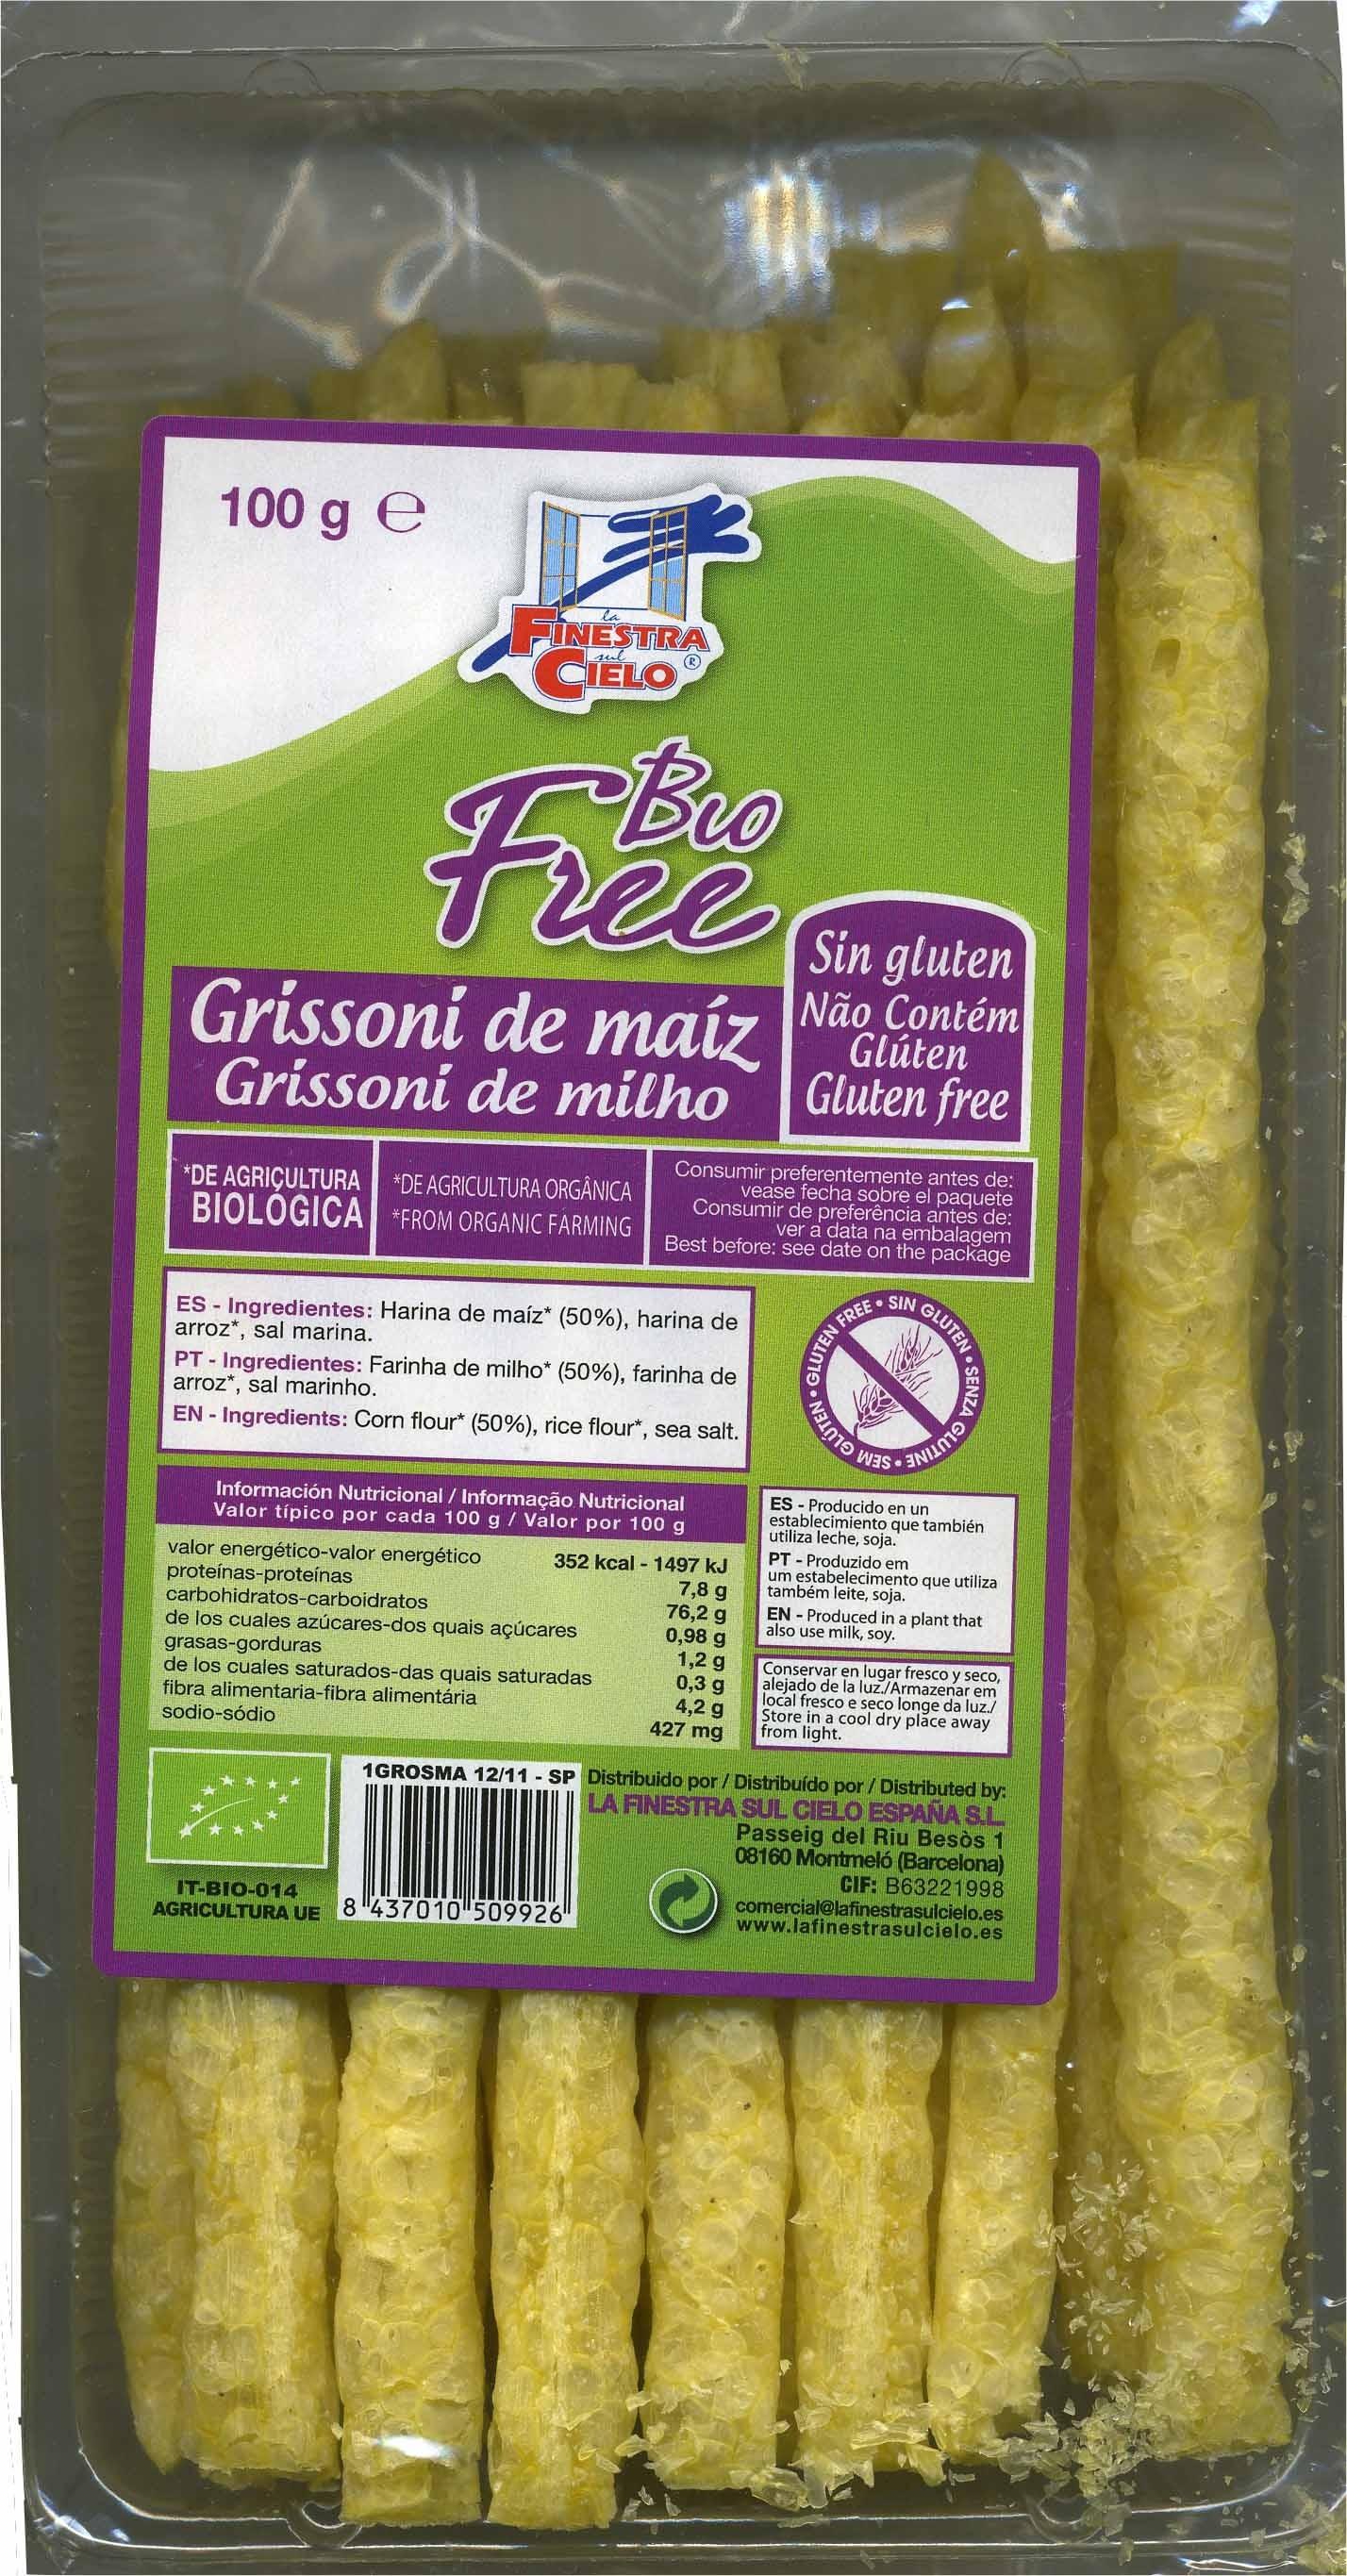 Grissoni maíz - Producto - es